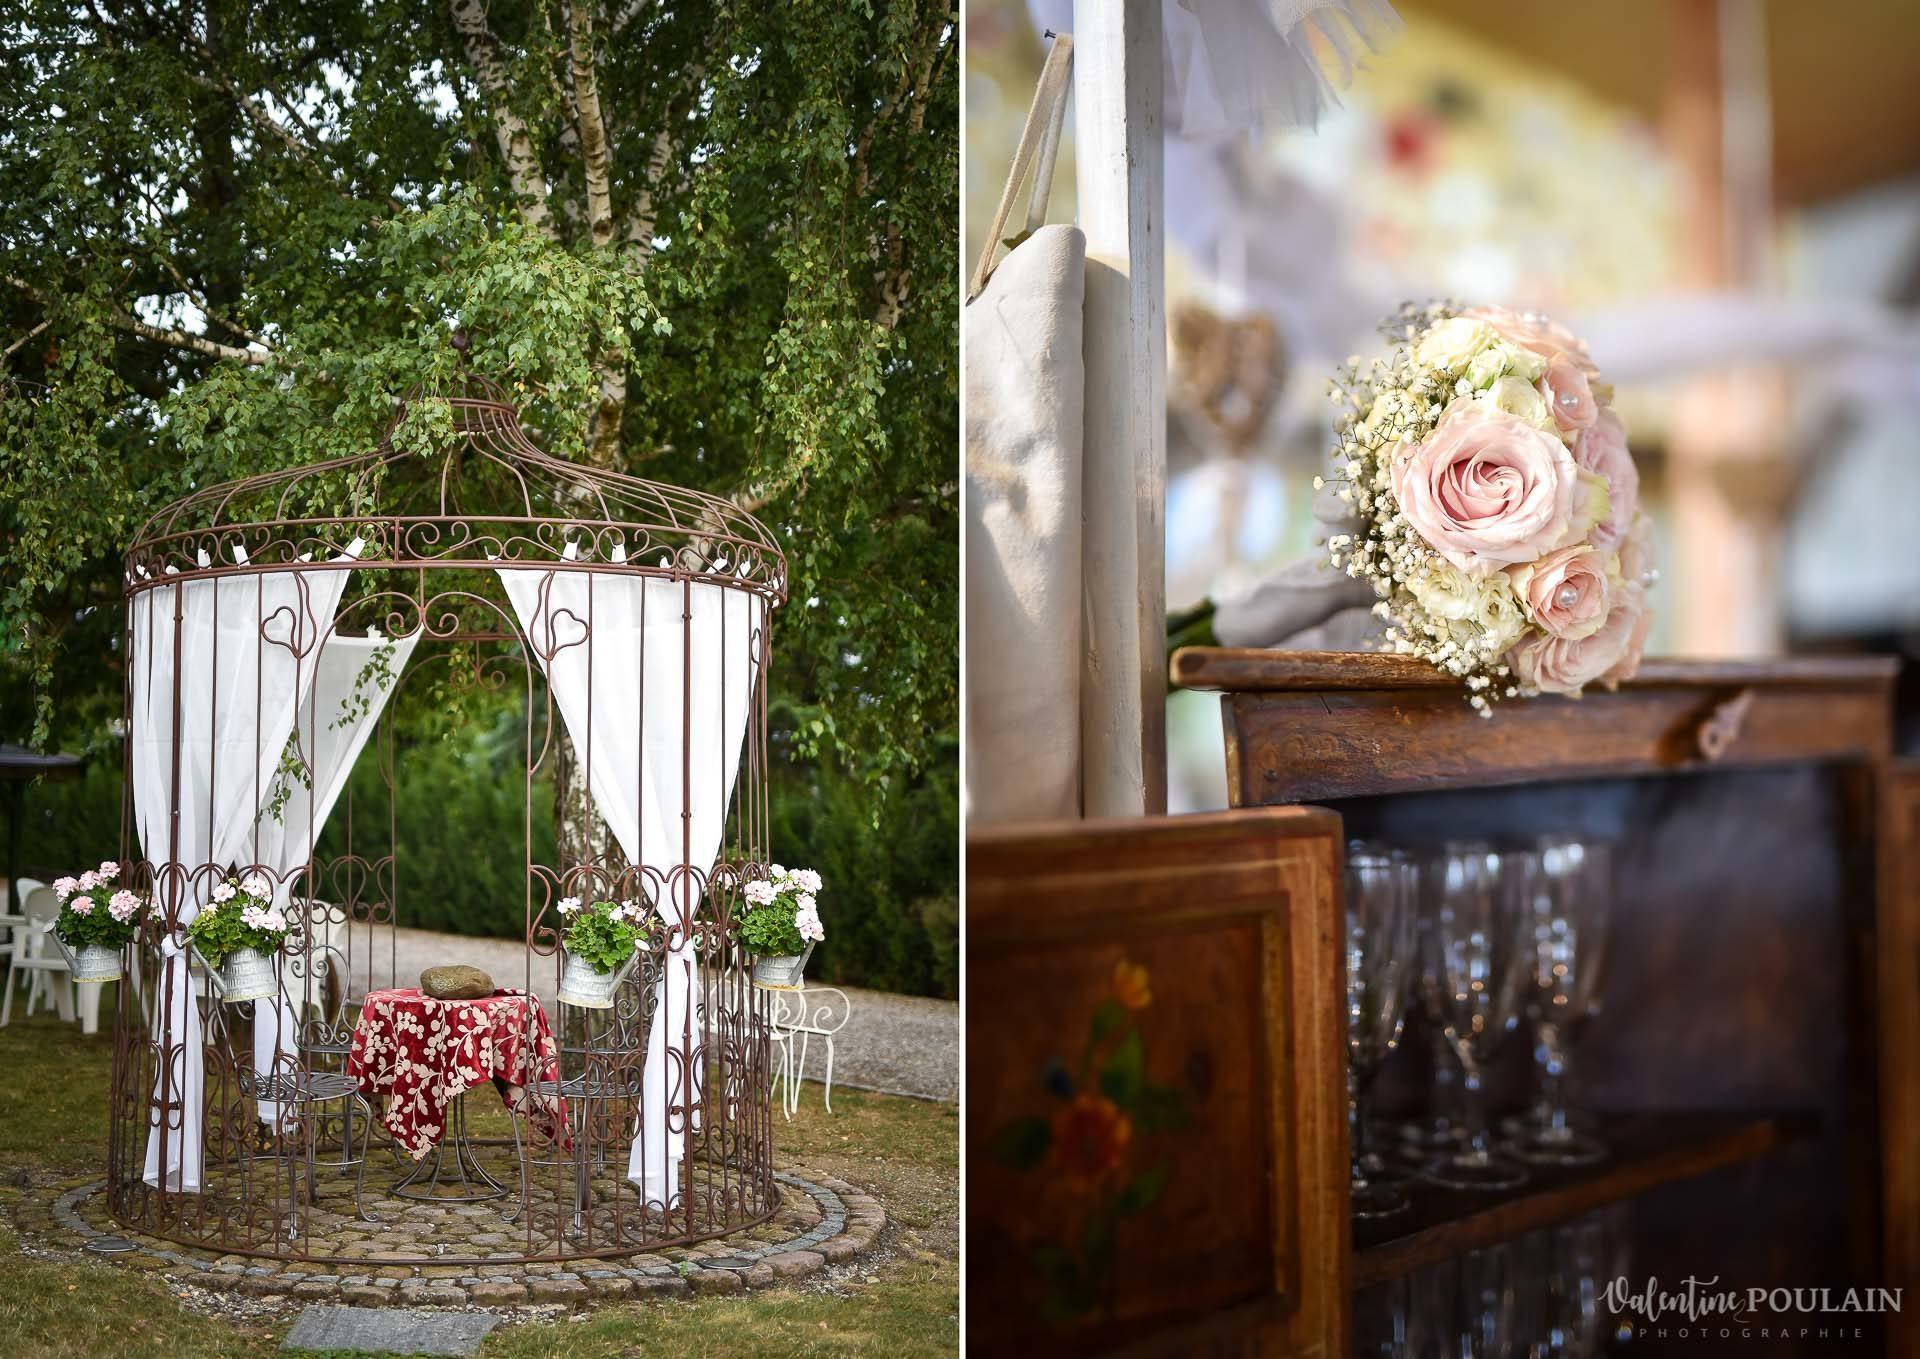 Mariage cool ferme weyerbach - Valentine Poulain décoration